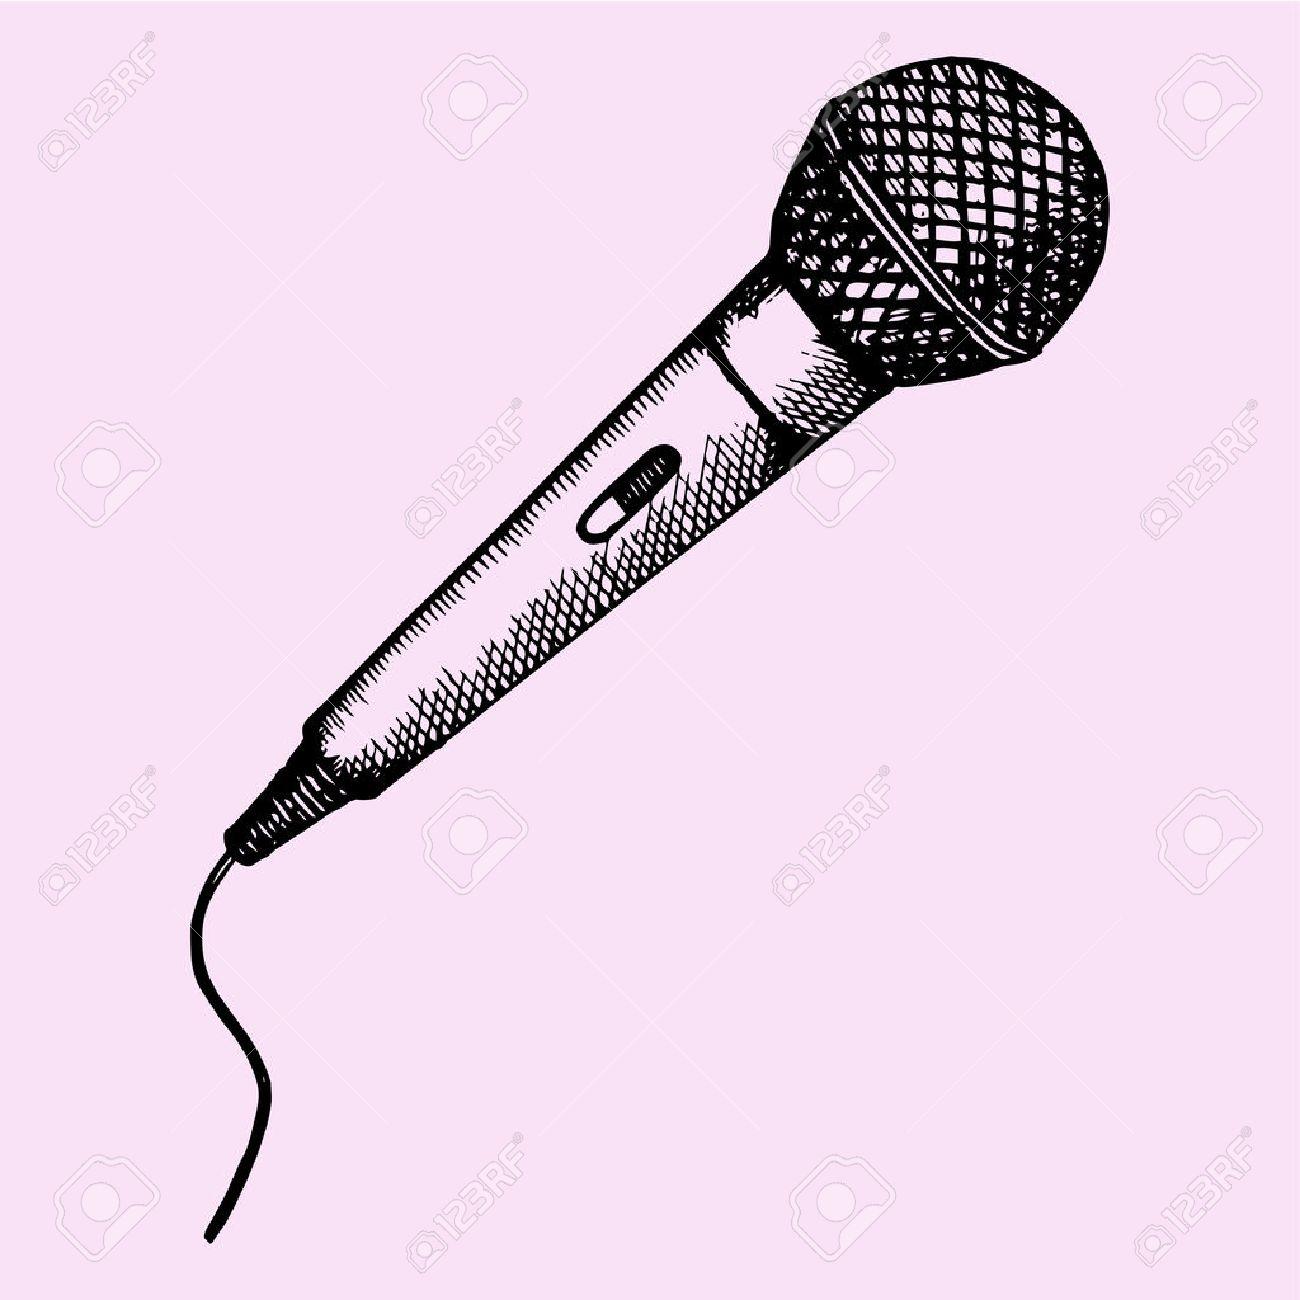 Micrófono Para El Karaoke El Estilo De Dibujo Ilustración Boceto Dibujado A Mano Vector